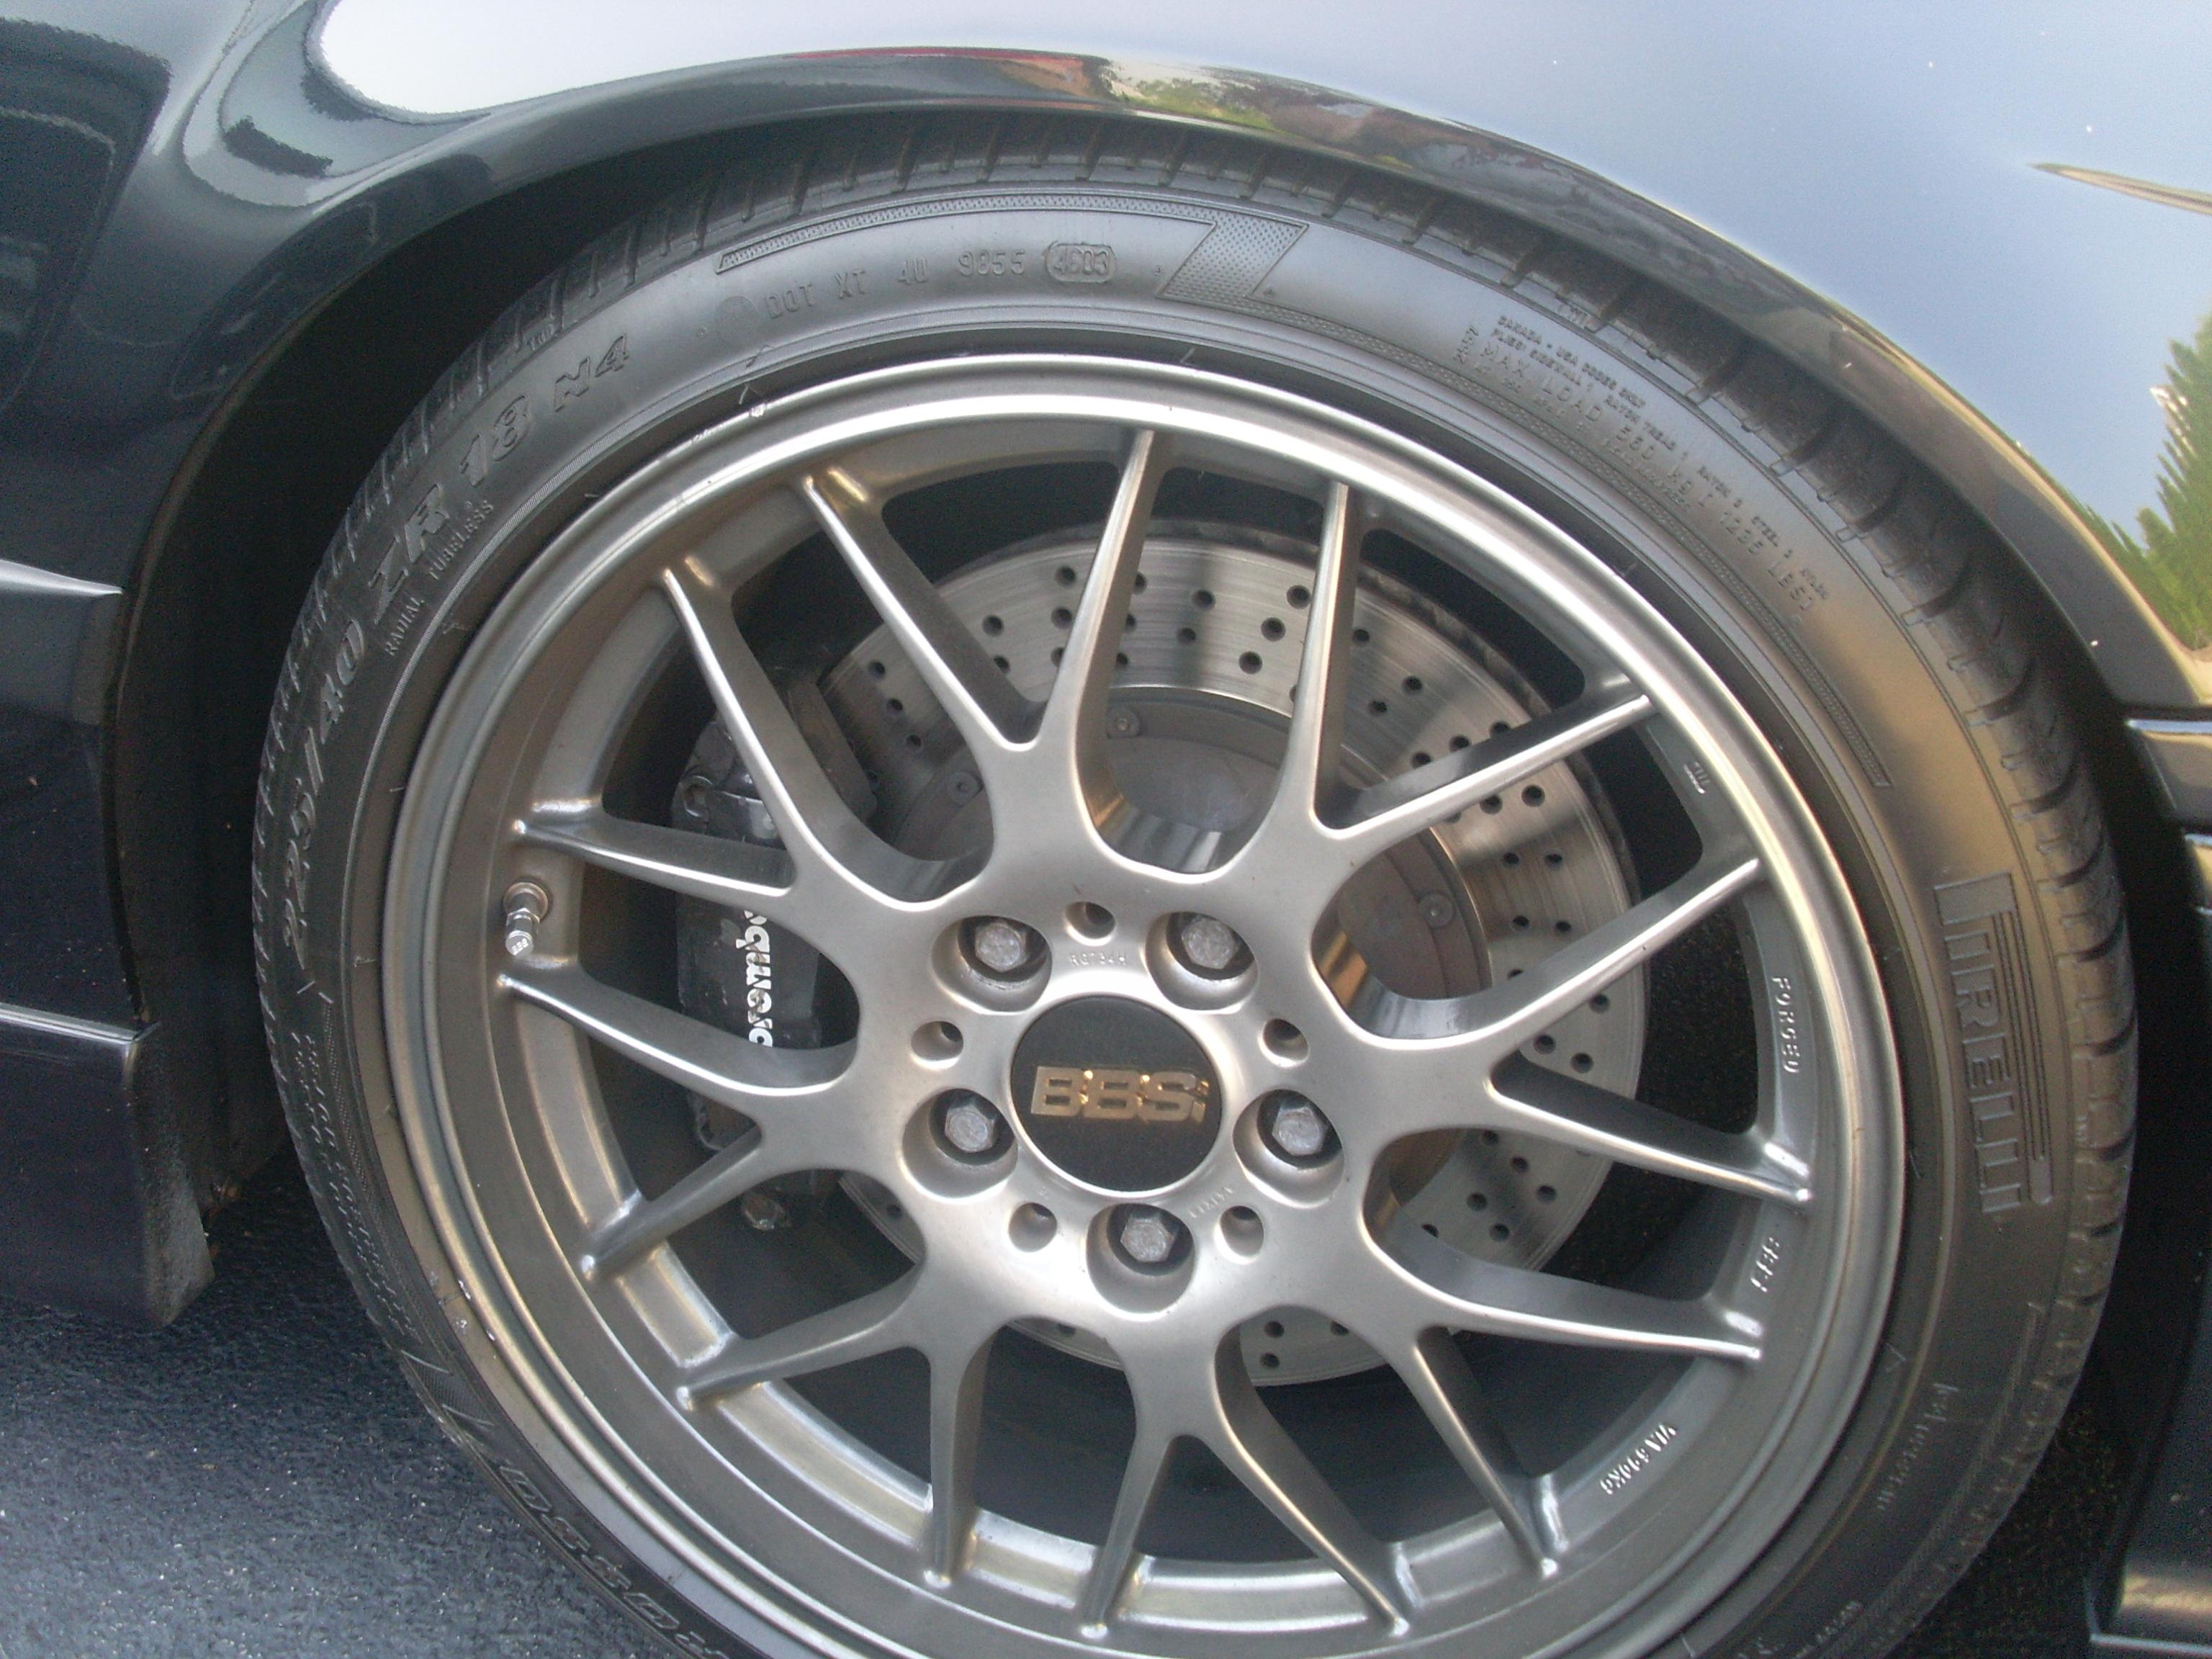 MY95 E36 M3 Track/Street Car-e36-m3-013.jpg